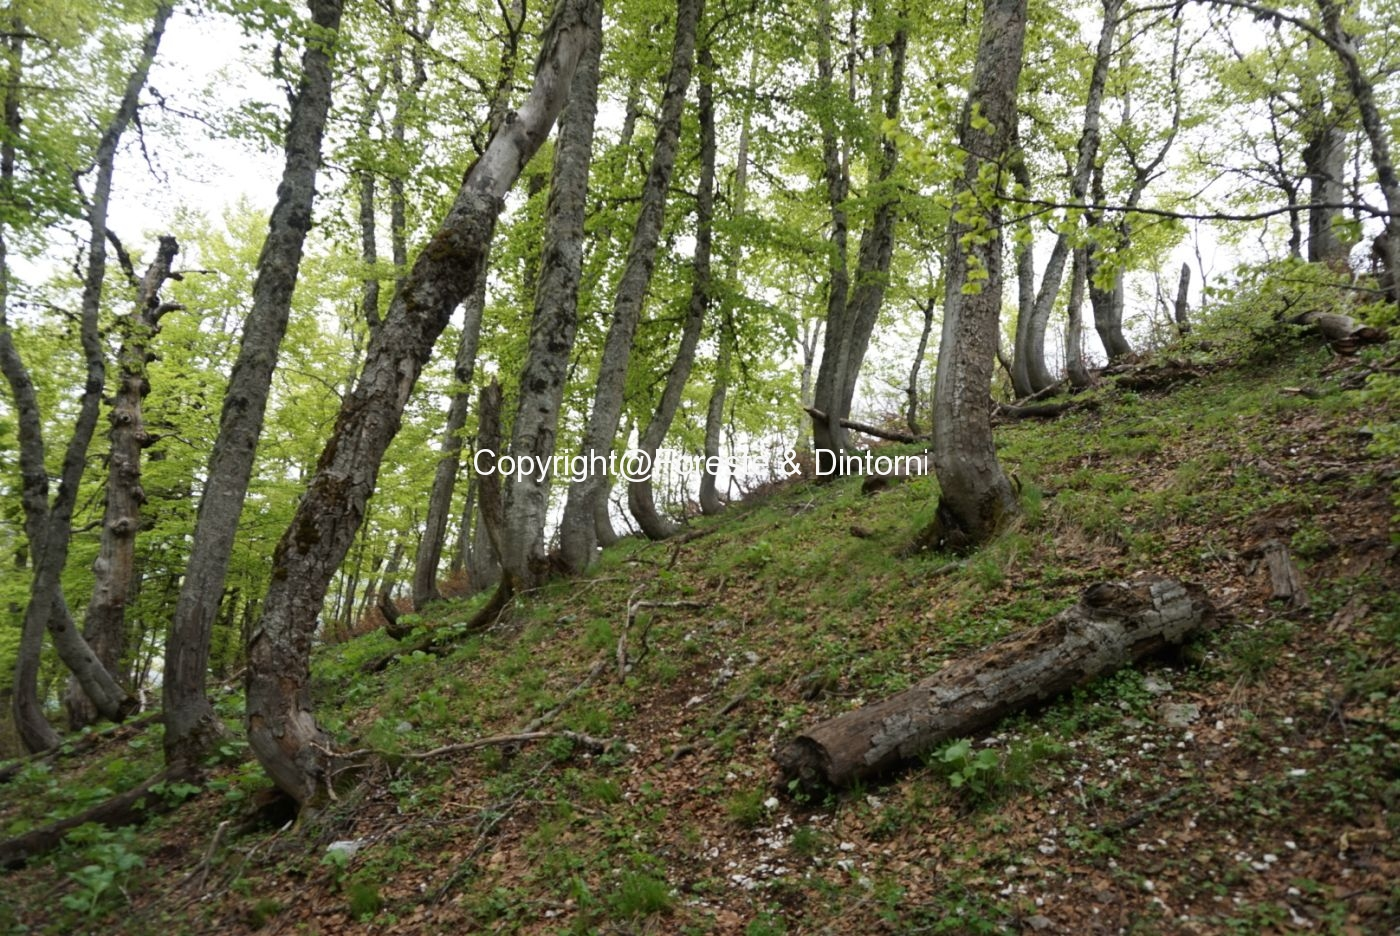 Valle Caprara